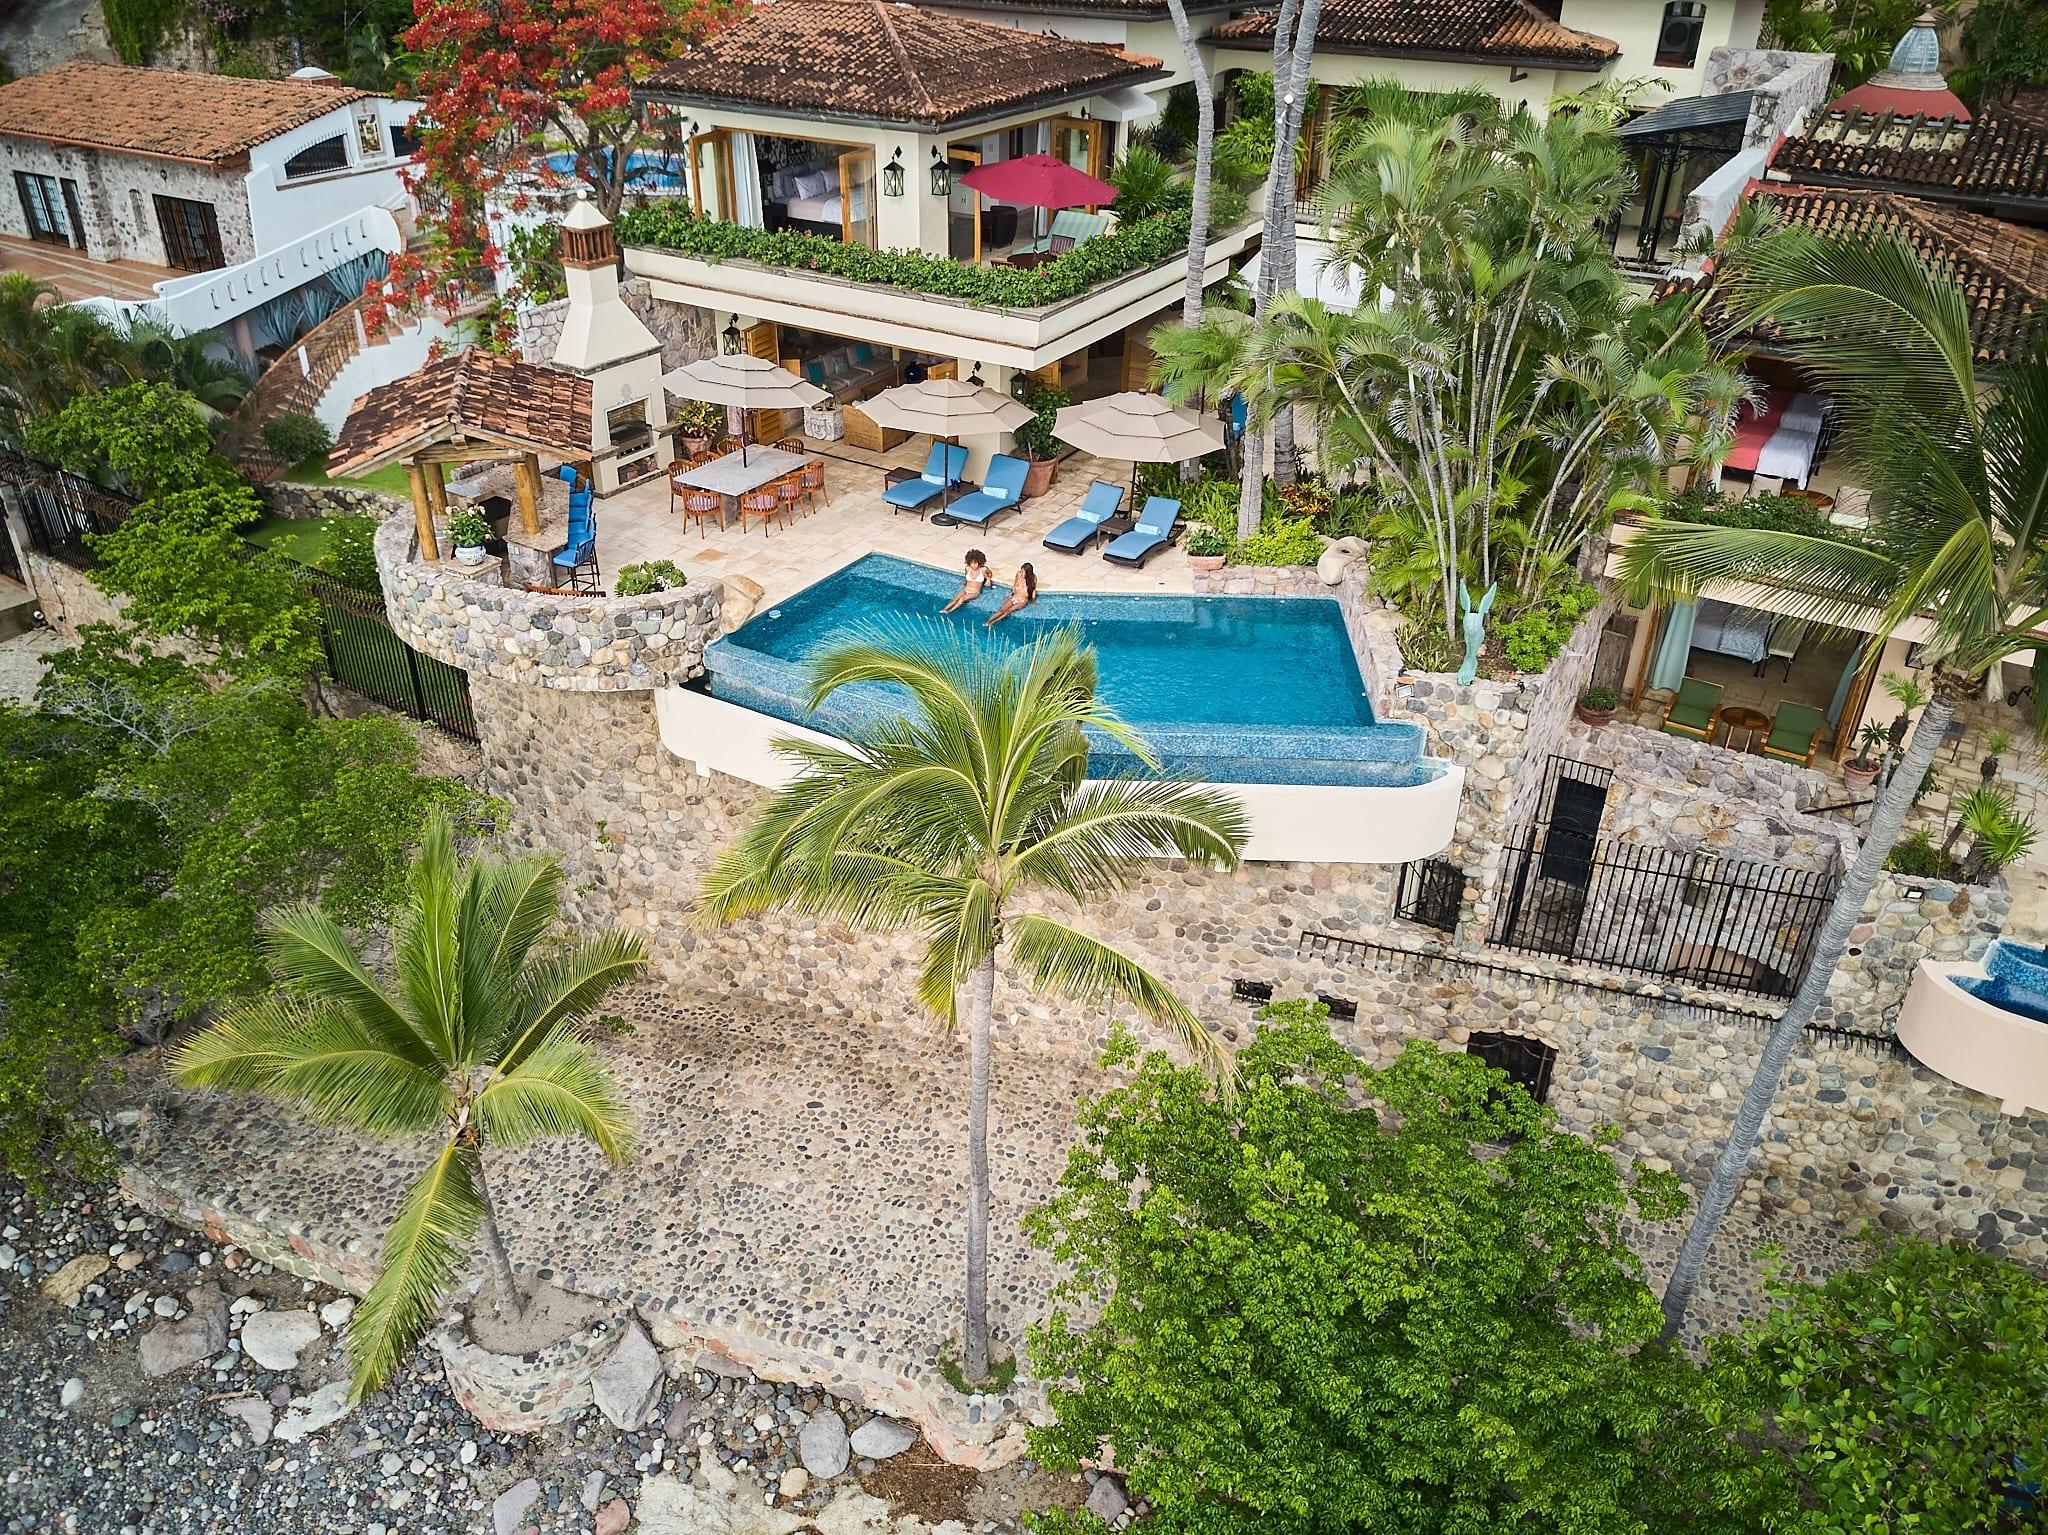 villa amapas models